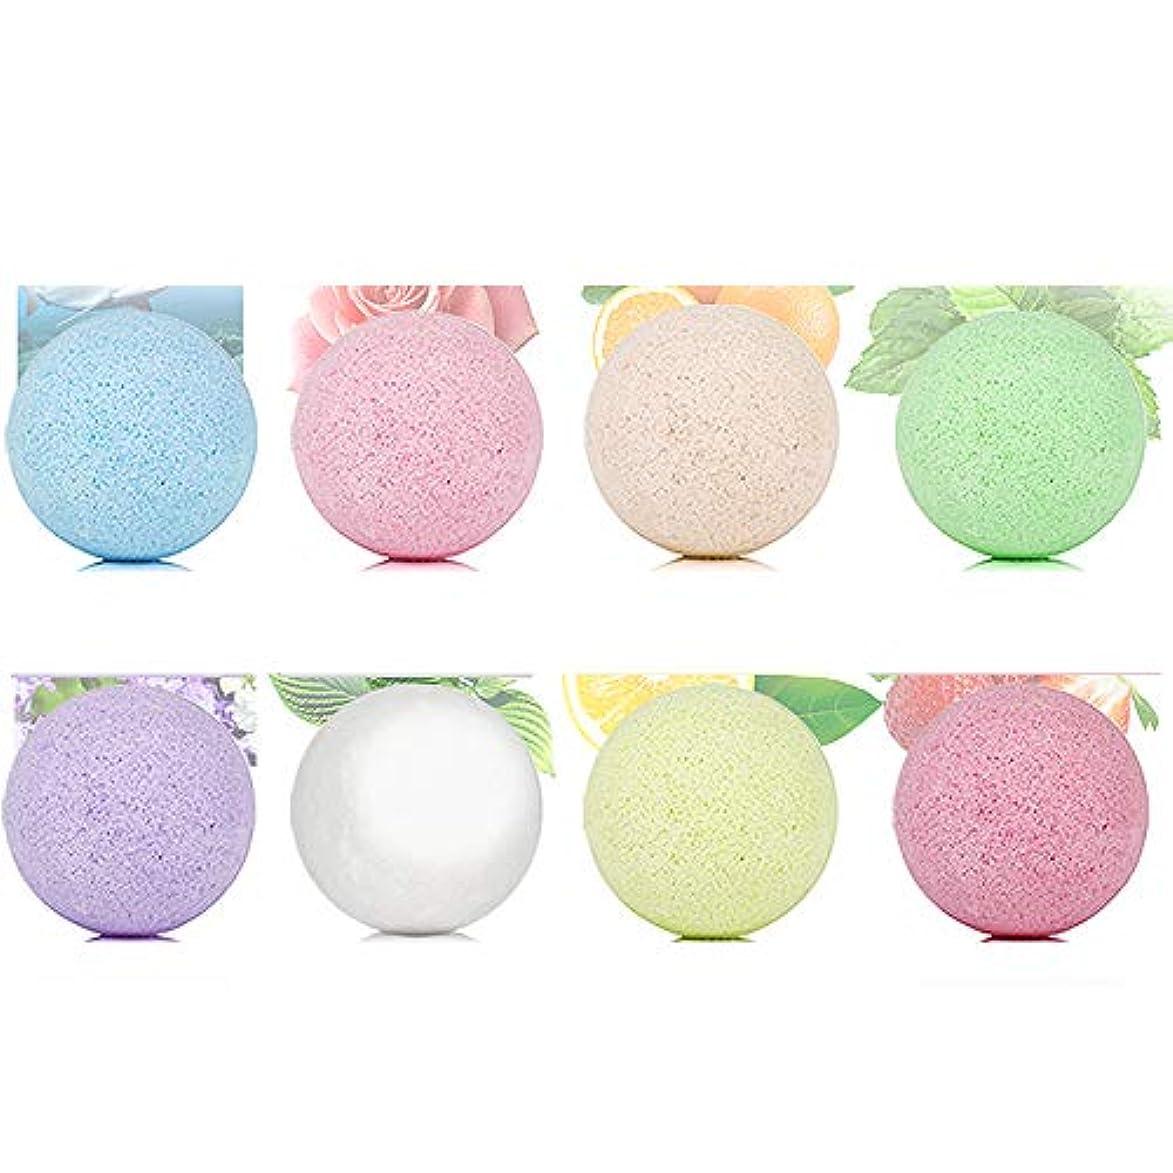 競争力のある明らかアカデミックバスボム 炭酸 入浴剤 ギフト 手作り お風呂用 8つの香りキット 天然素材 カラフル バスボール 母の日 結婚記念日 プレゼント